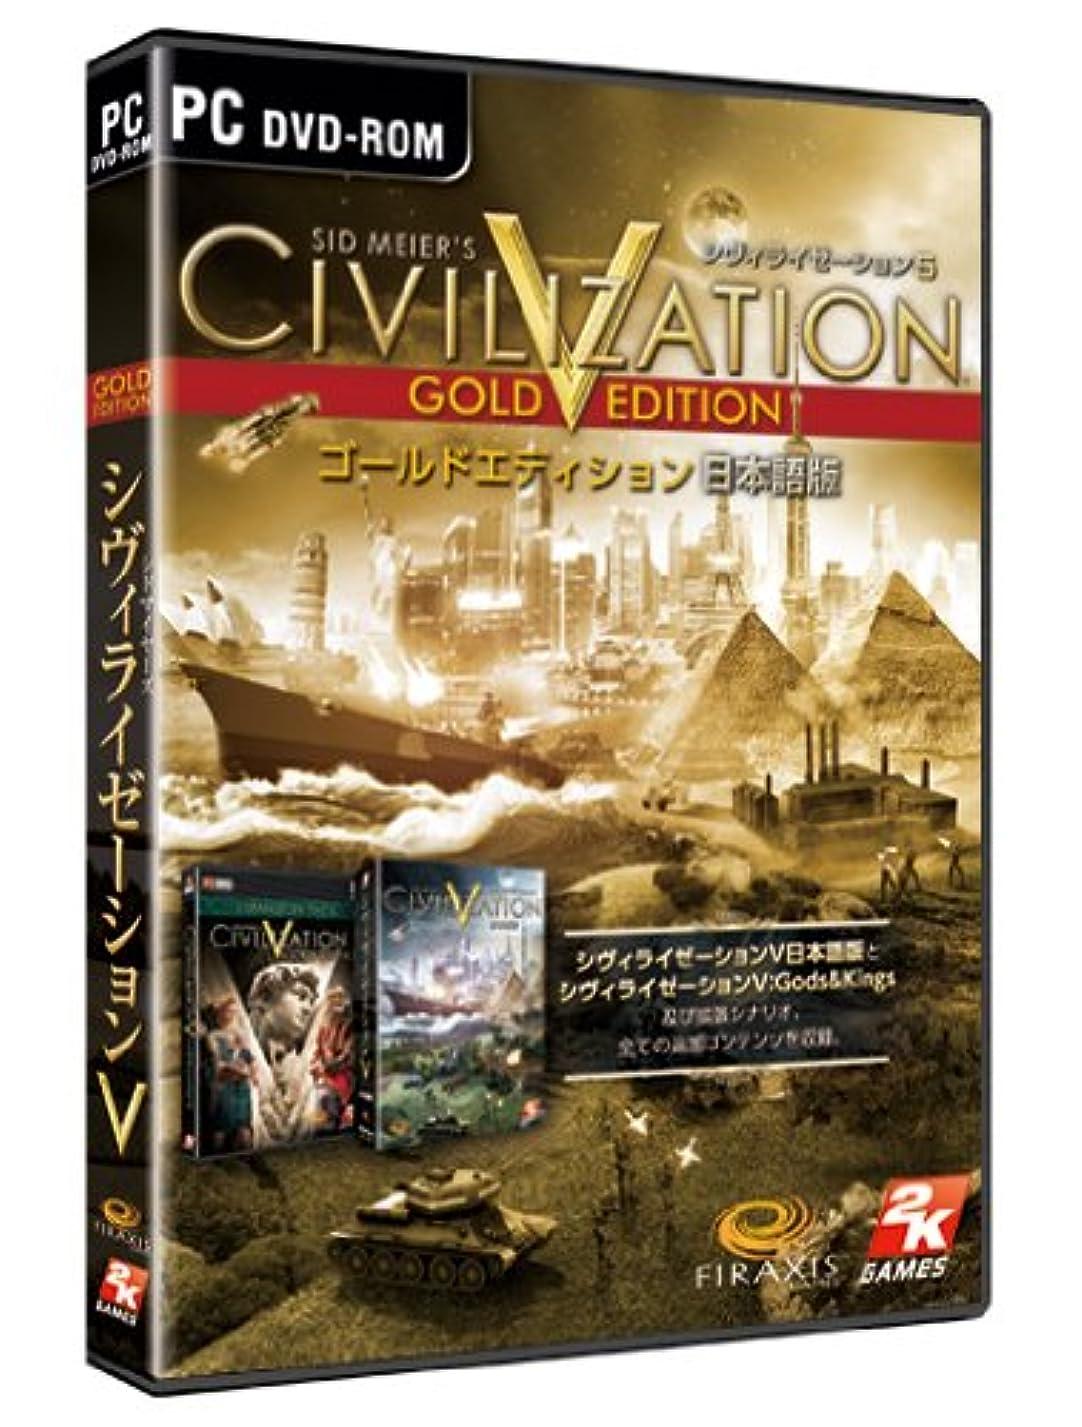 任命するポスト印象派医療過誤Take 2 Interactive シヴィライゼーション V ゴールドエディション日本語版